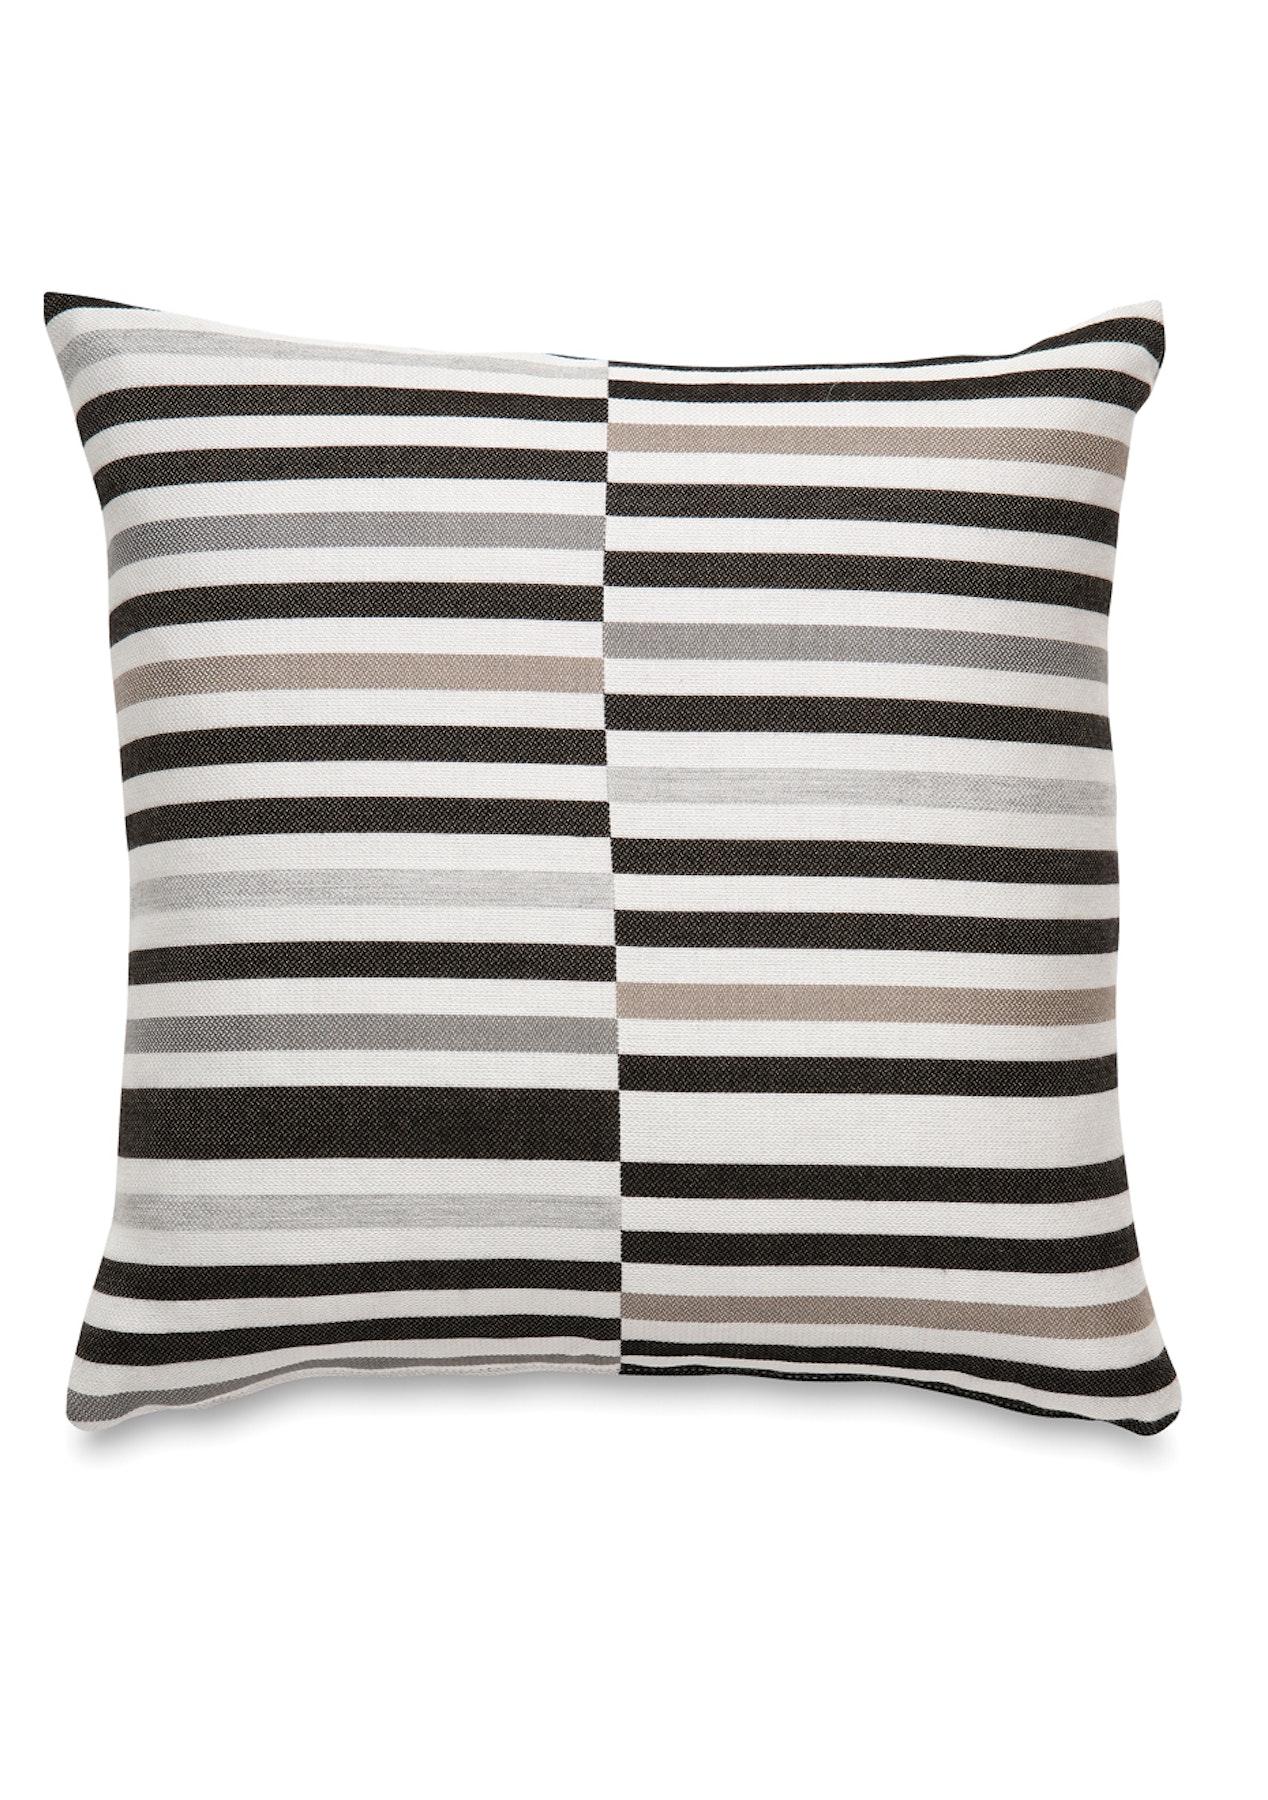 Citta design split level outdoor cushion cover slate for Citta design outlet